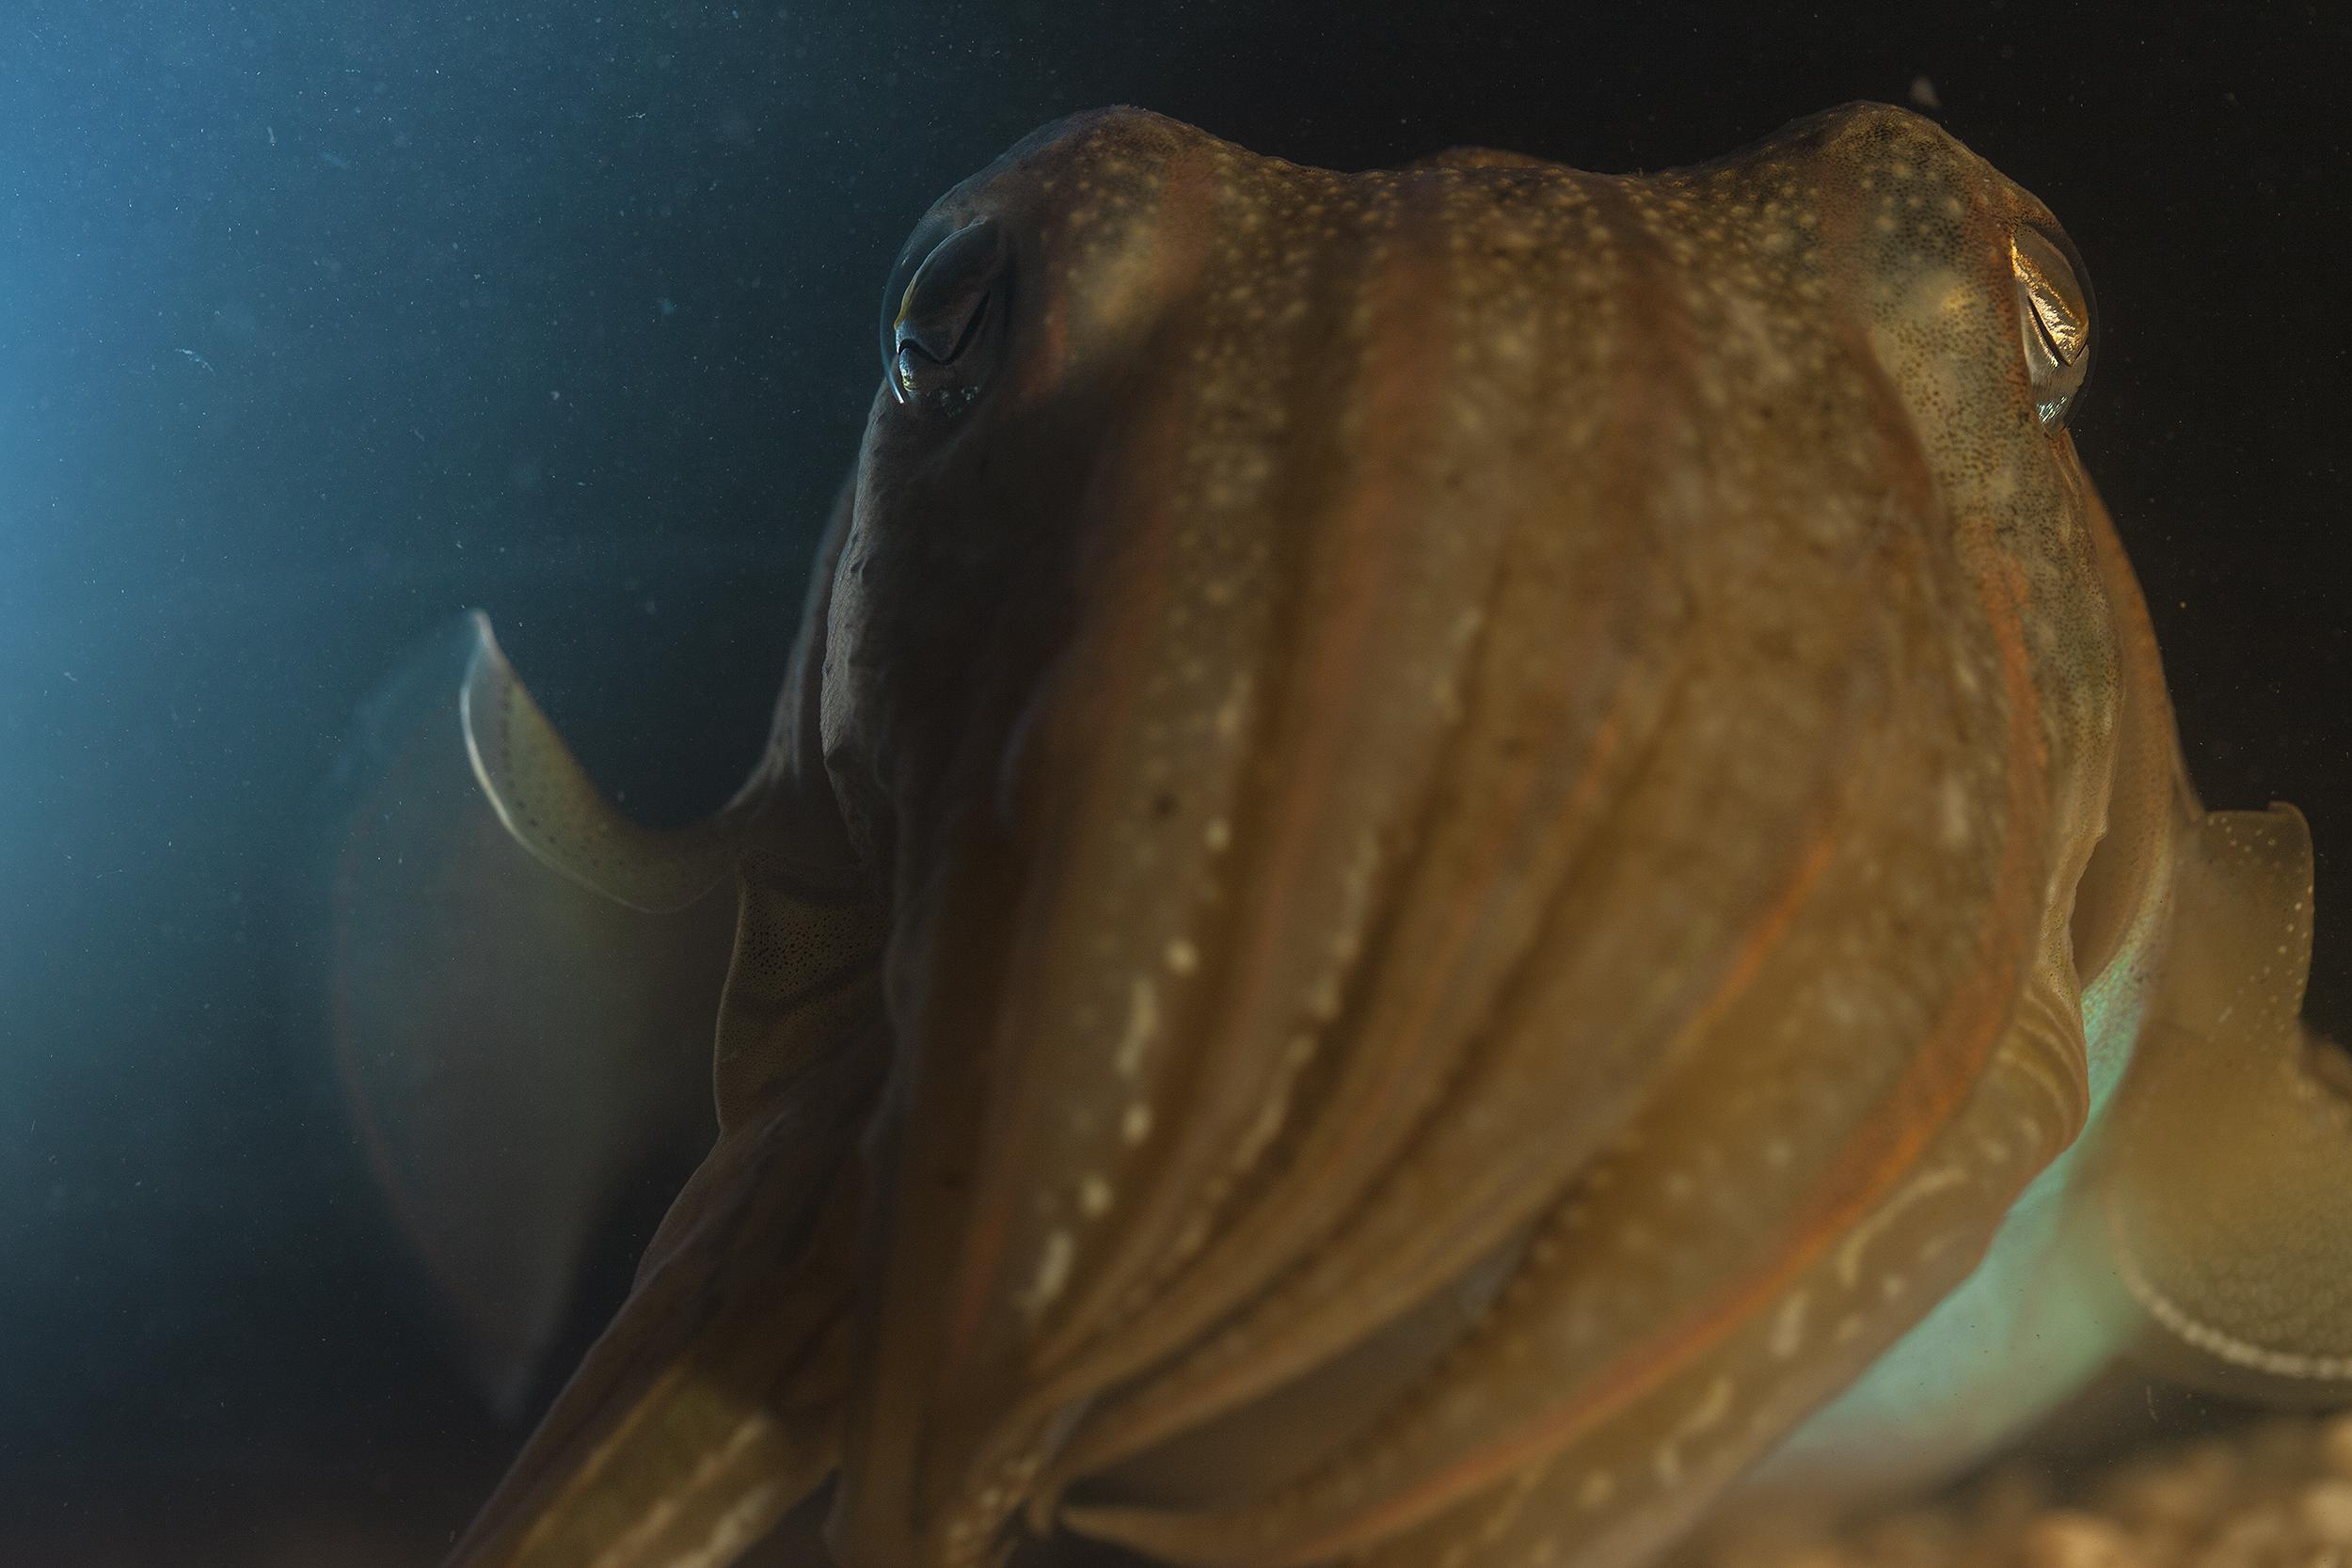 mediterranean_cuttlefish_portrait_national_geographic_photo_by_flavio_oliva